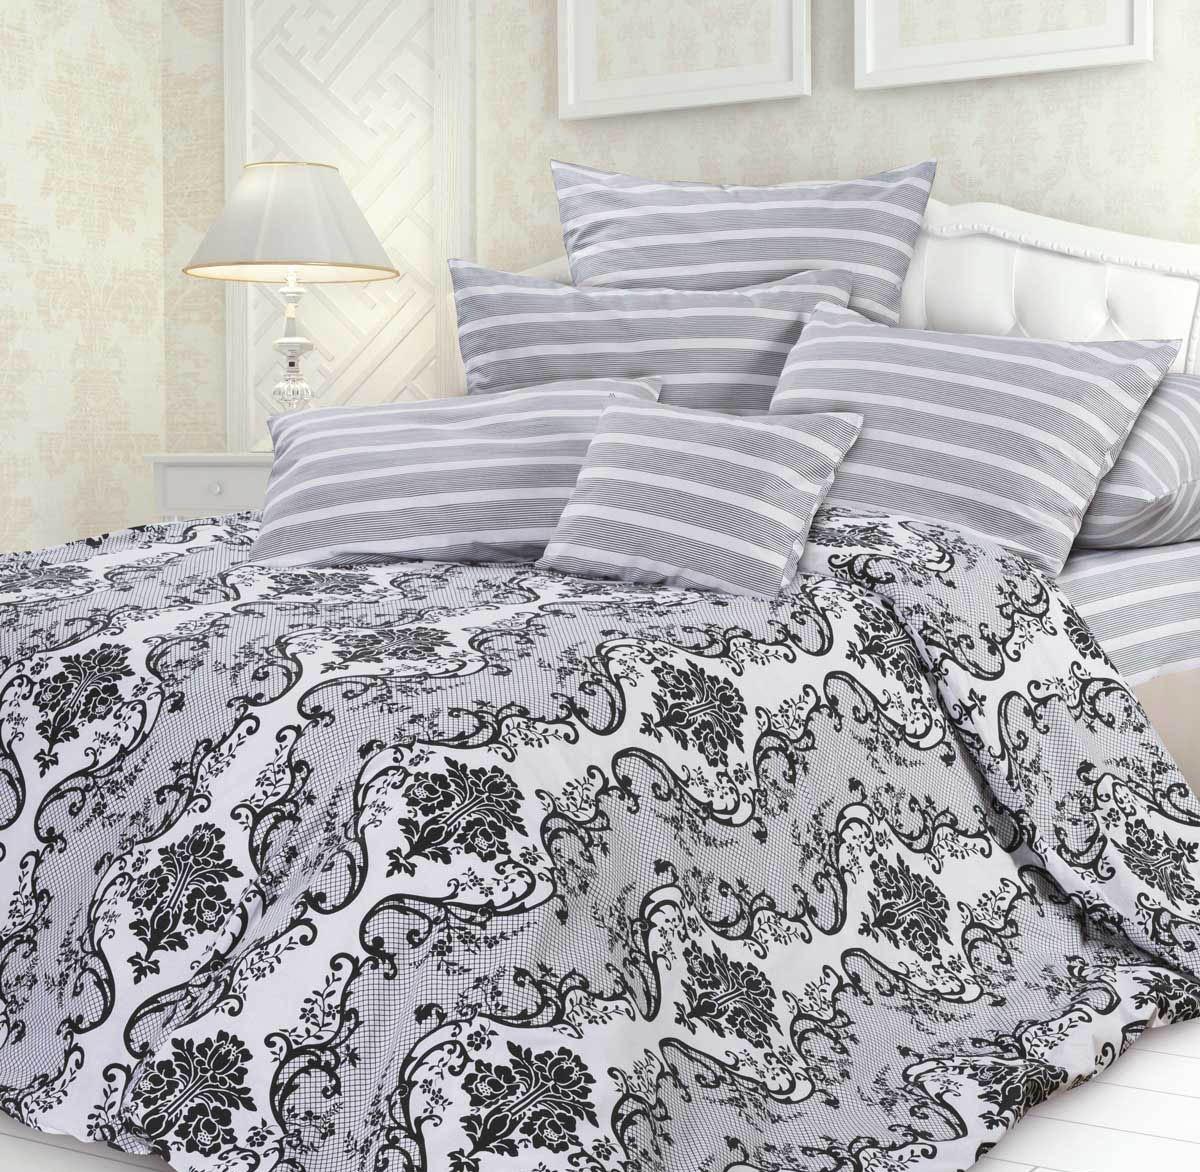 Постельное белье Унисон Постельное белье Ритц (2 сп. евро) постельное белье амалия розовый бязь евро 1